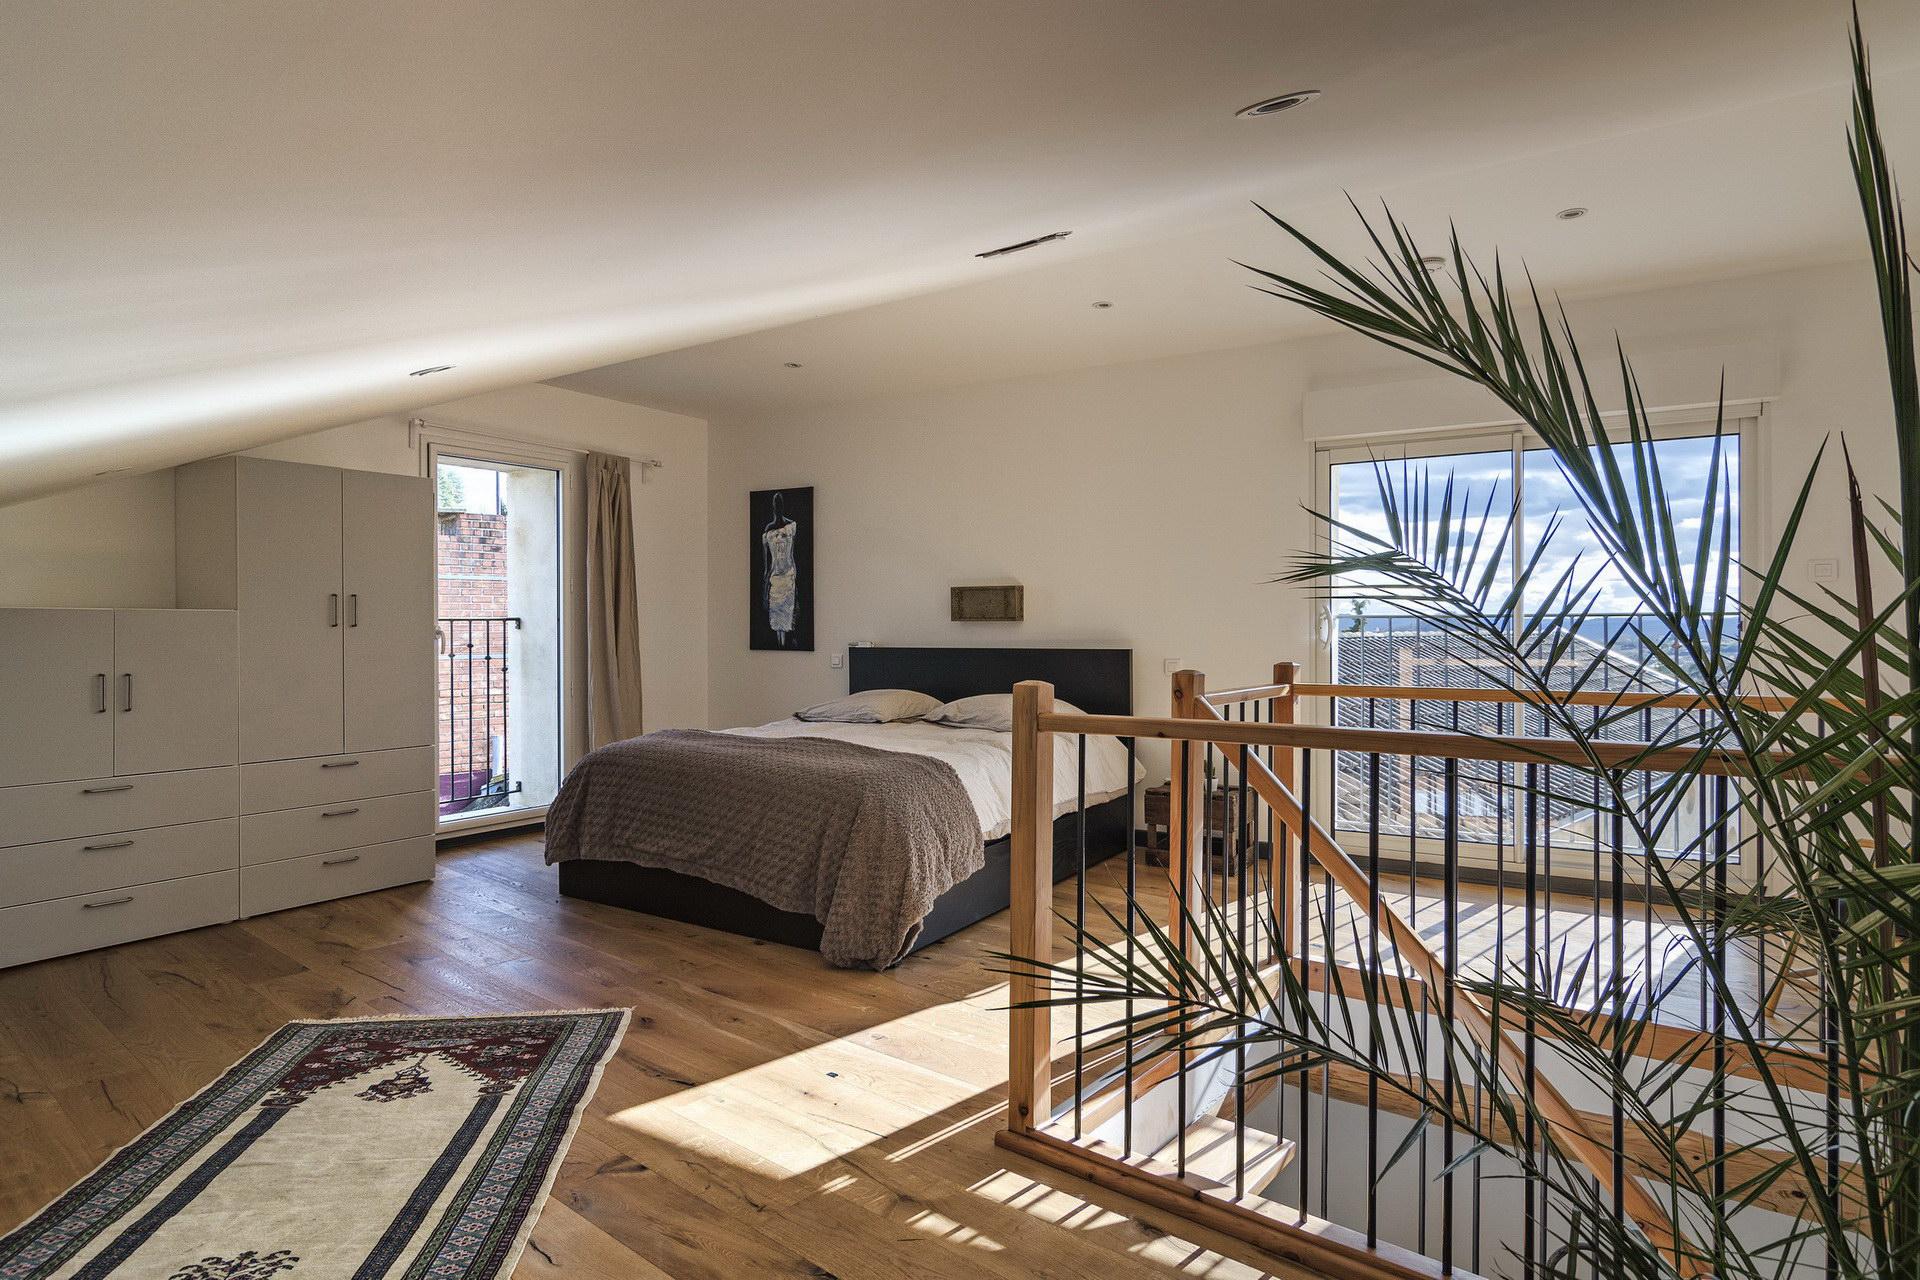 Appartement 4 personnes en location à forcalquier grande chambre mansardée